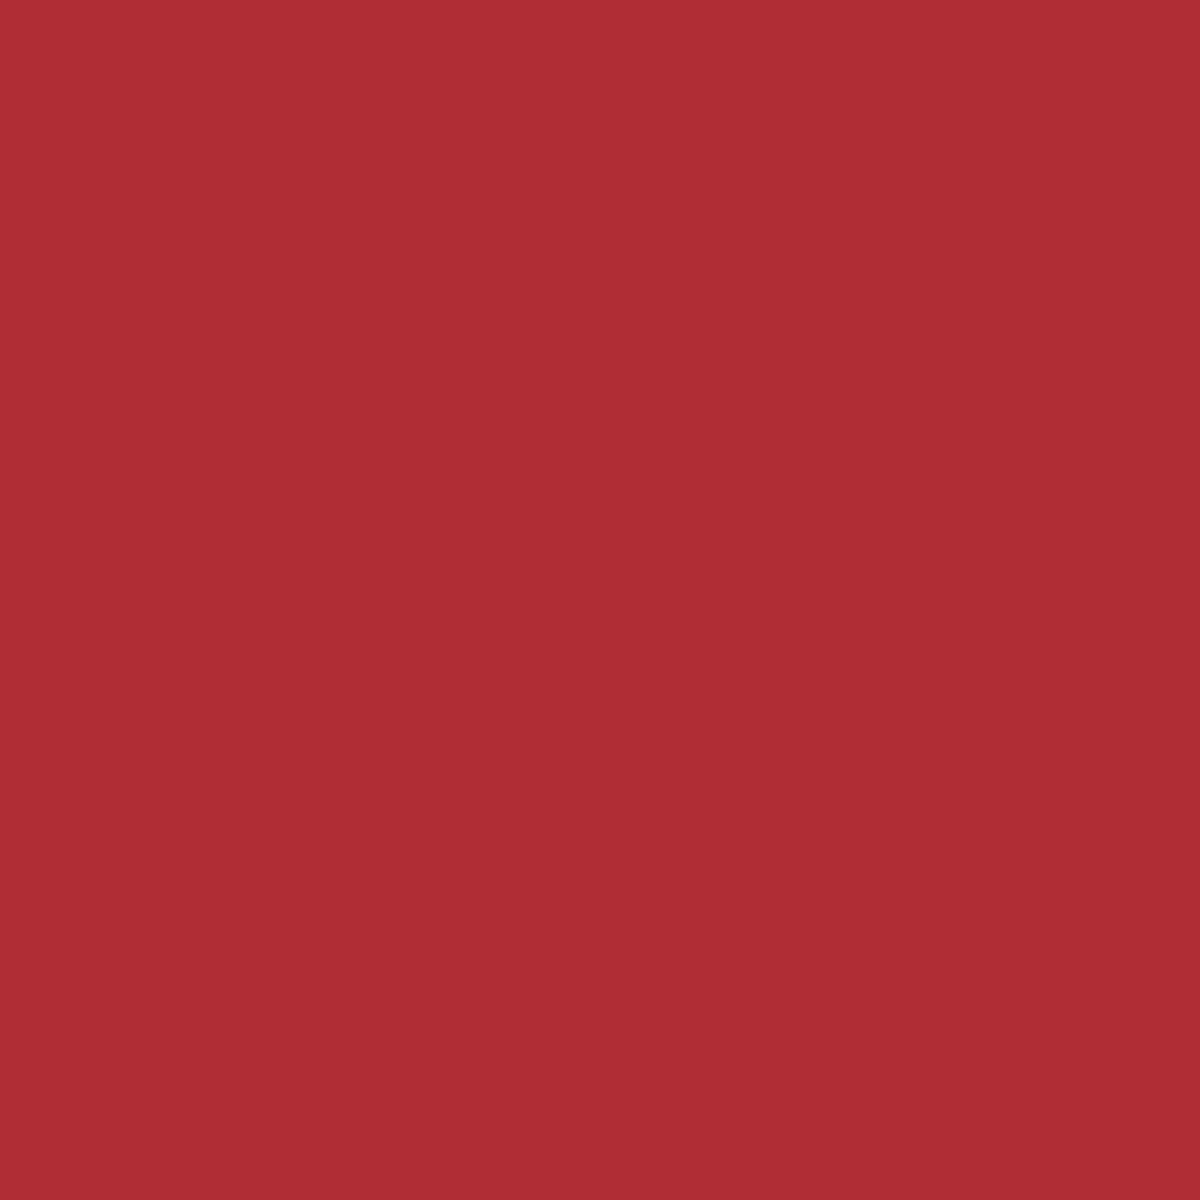 Riley Blake, Confetti Solid Red